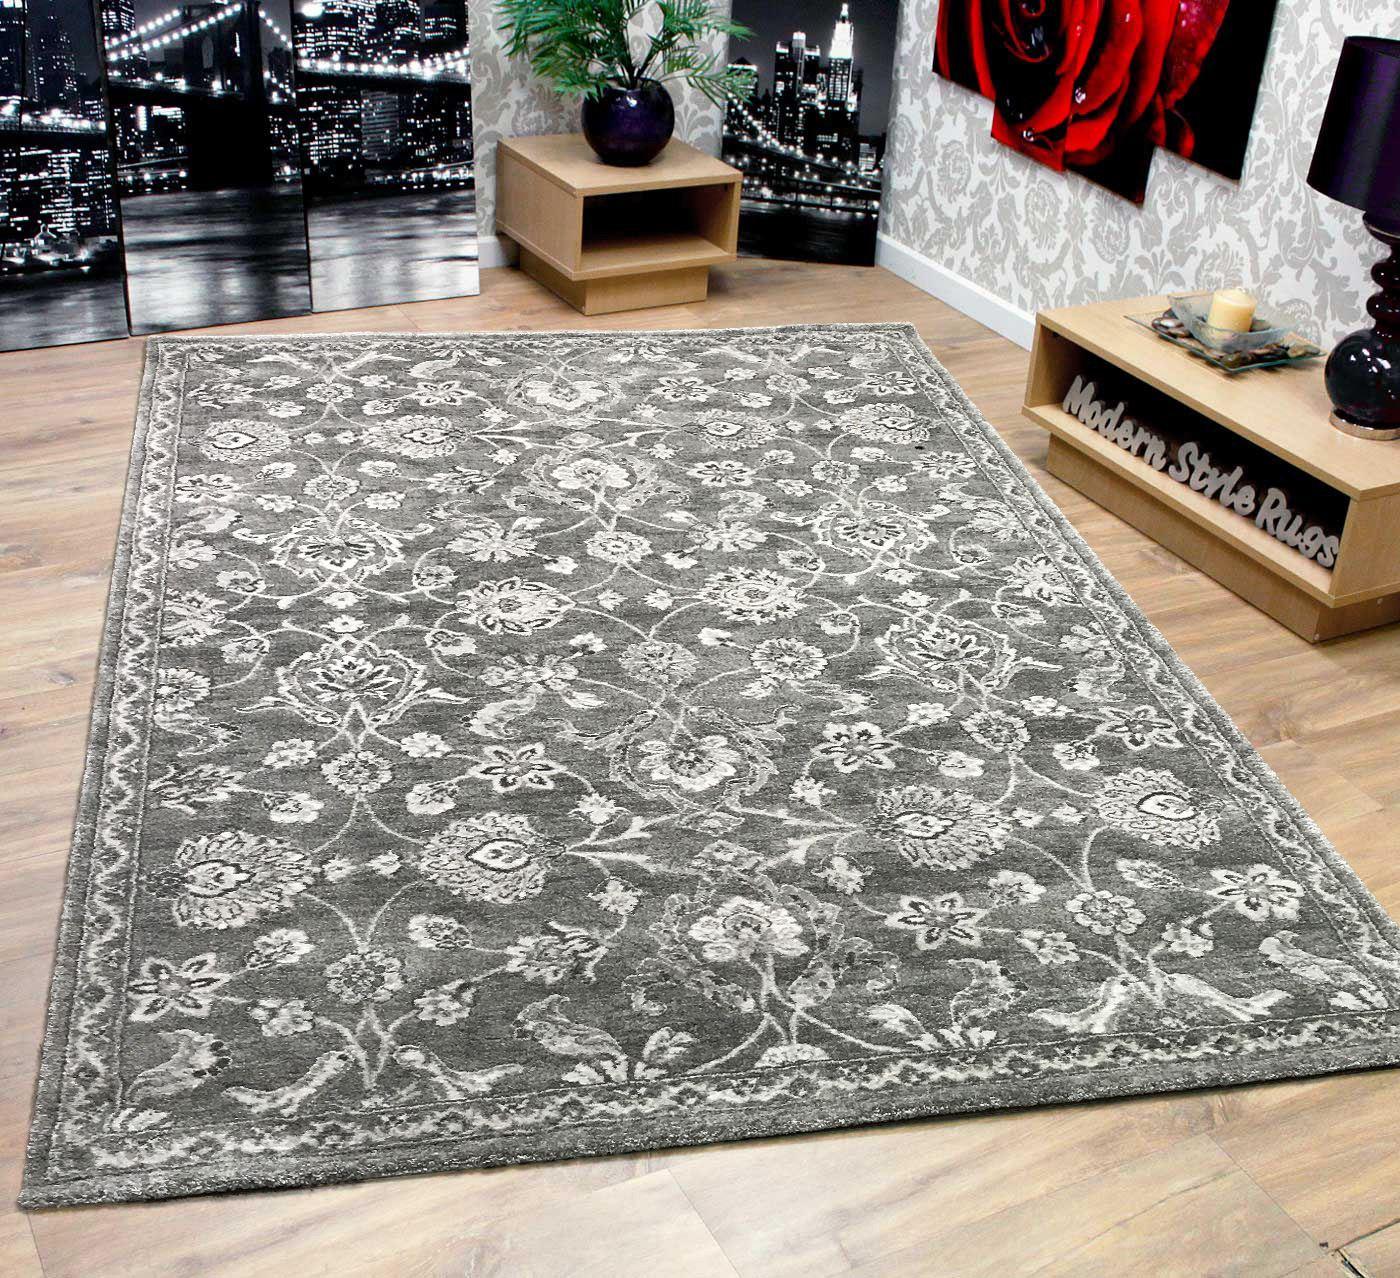 Affordable tappeto di nuovo pesante qualit suprema tocco - Tappeti damascati ...